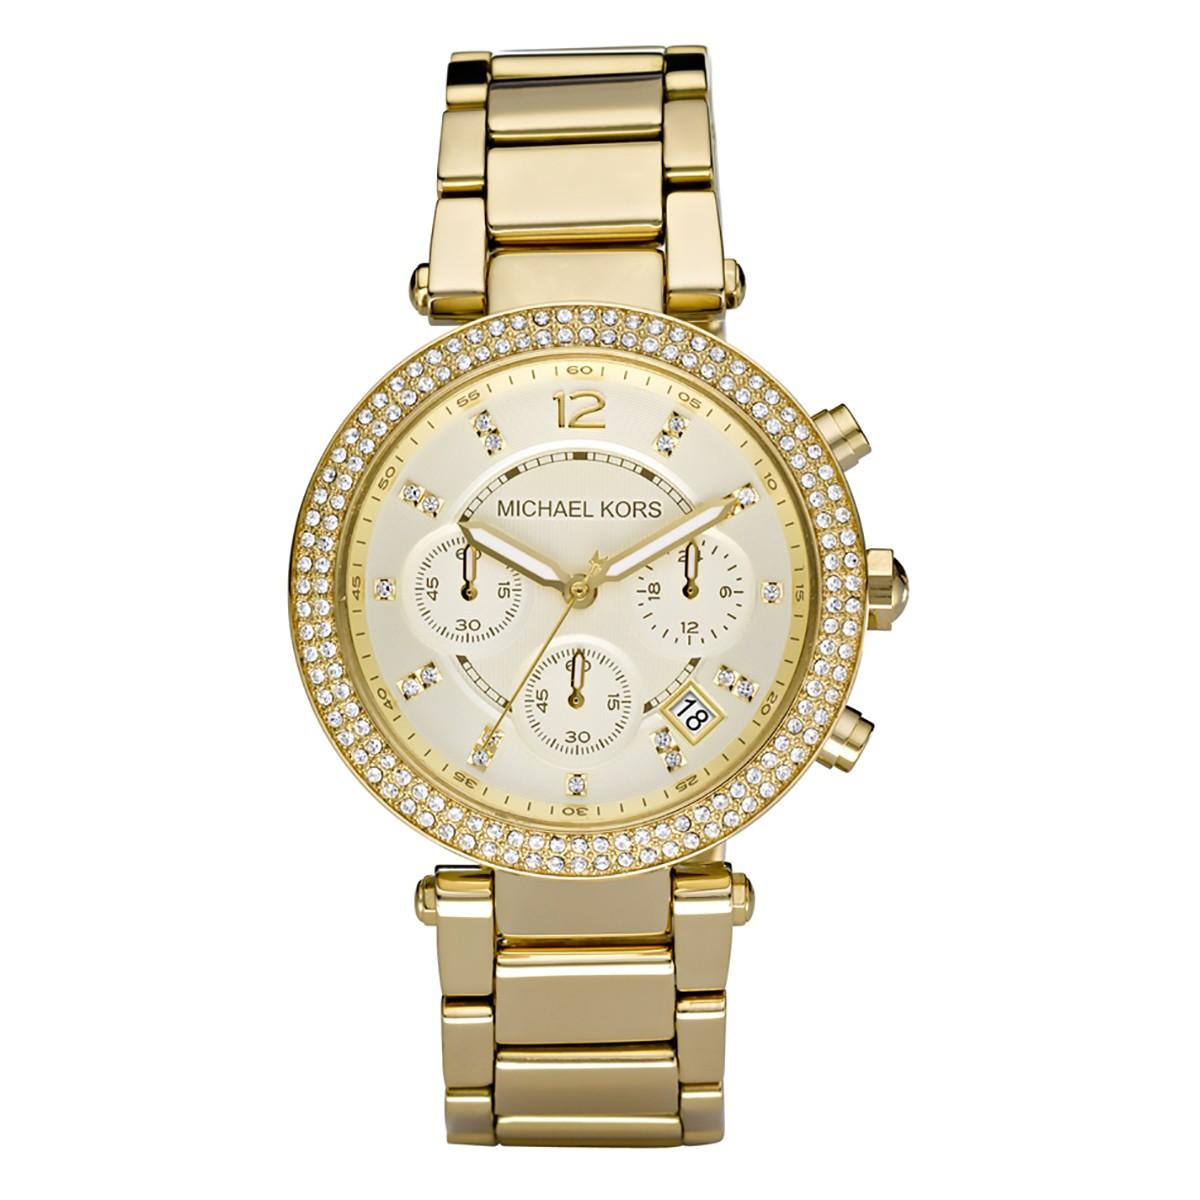 Compre Relógio Michael Kors Parker em 10X   Tri-Jóia Shop 42dc76a79d